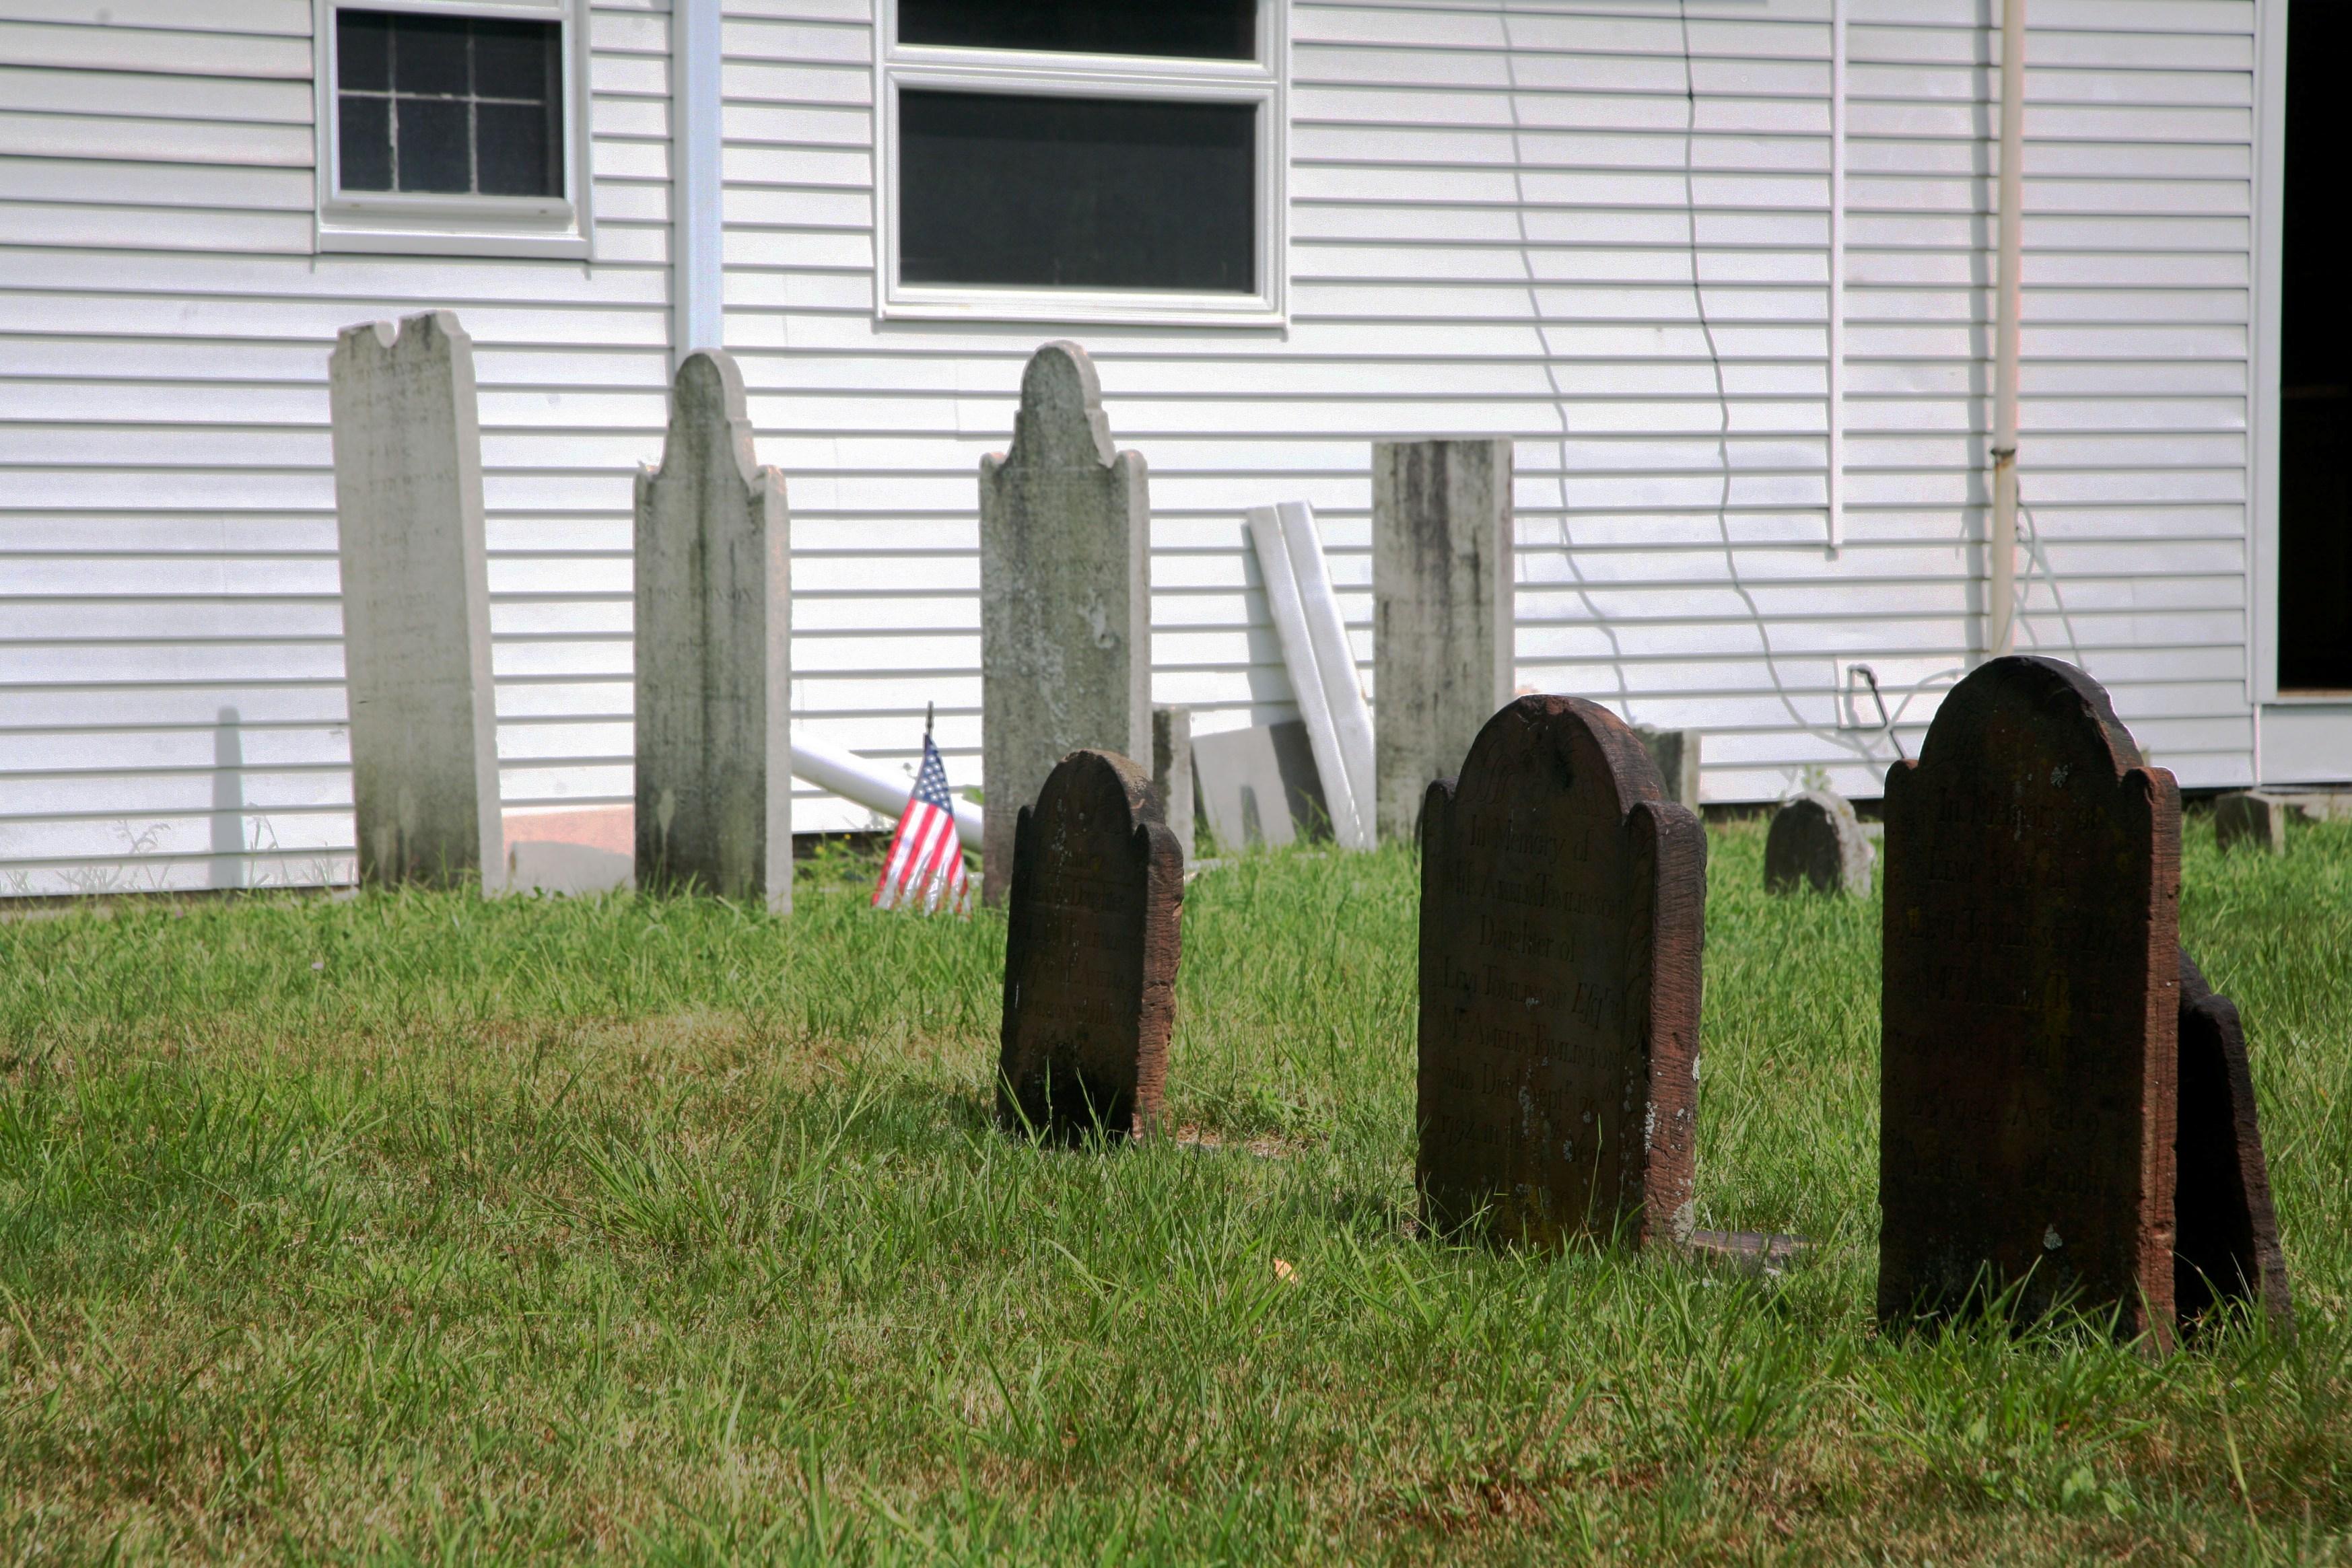 Graveyard Shift, Bspo06, Cemetery, Churches, Flag, HQ Photo